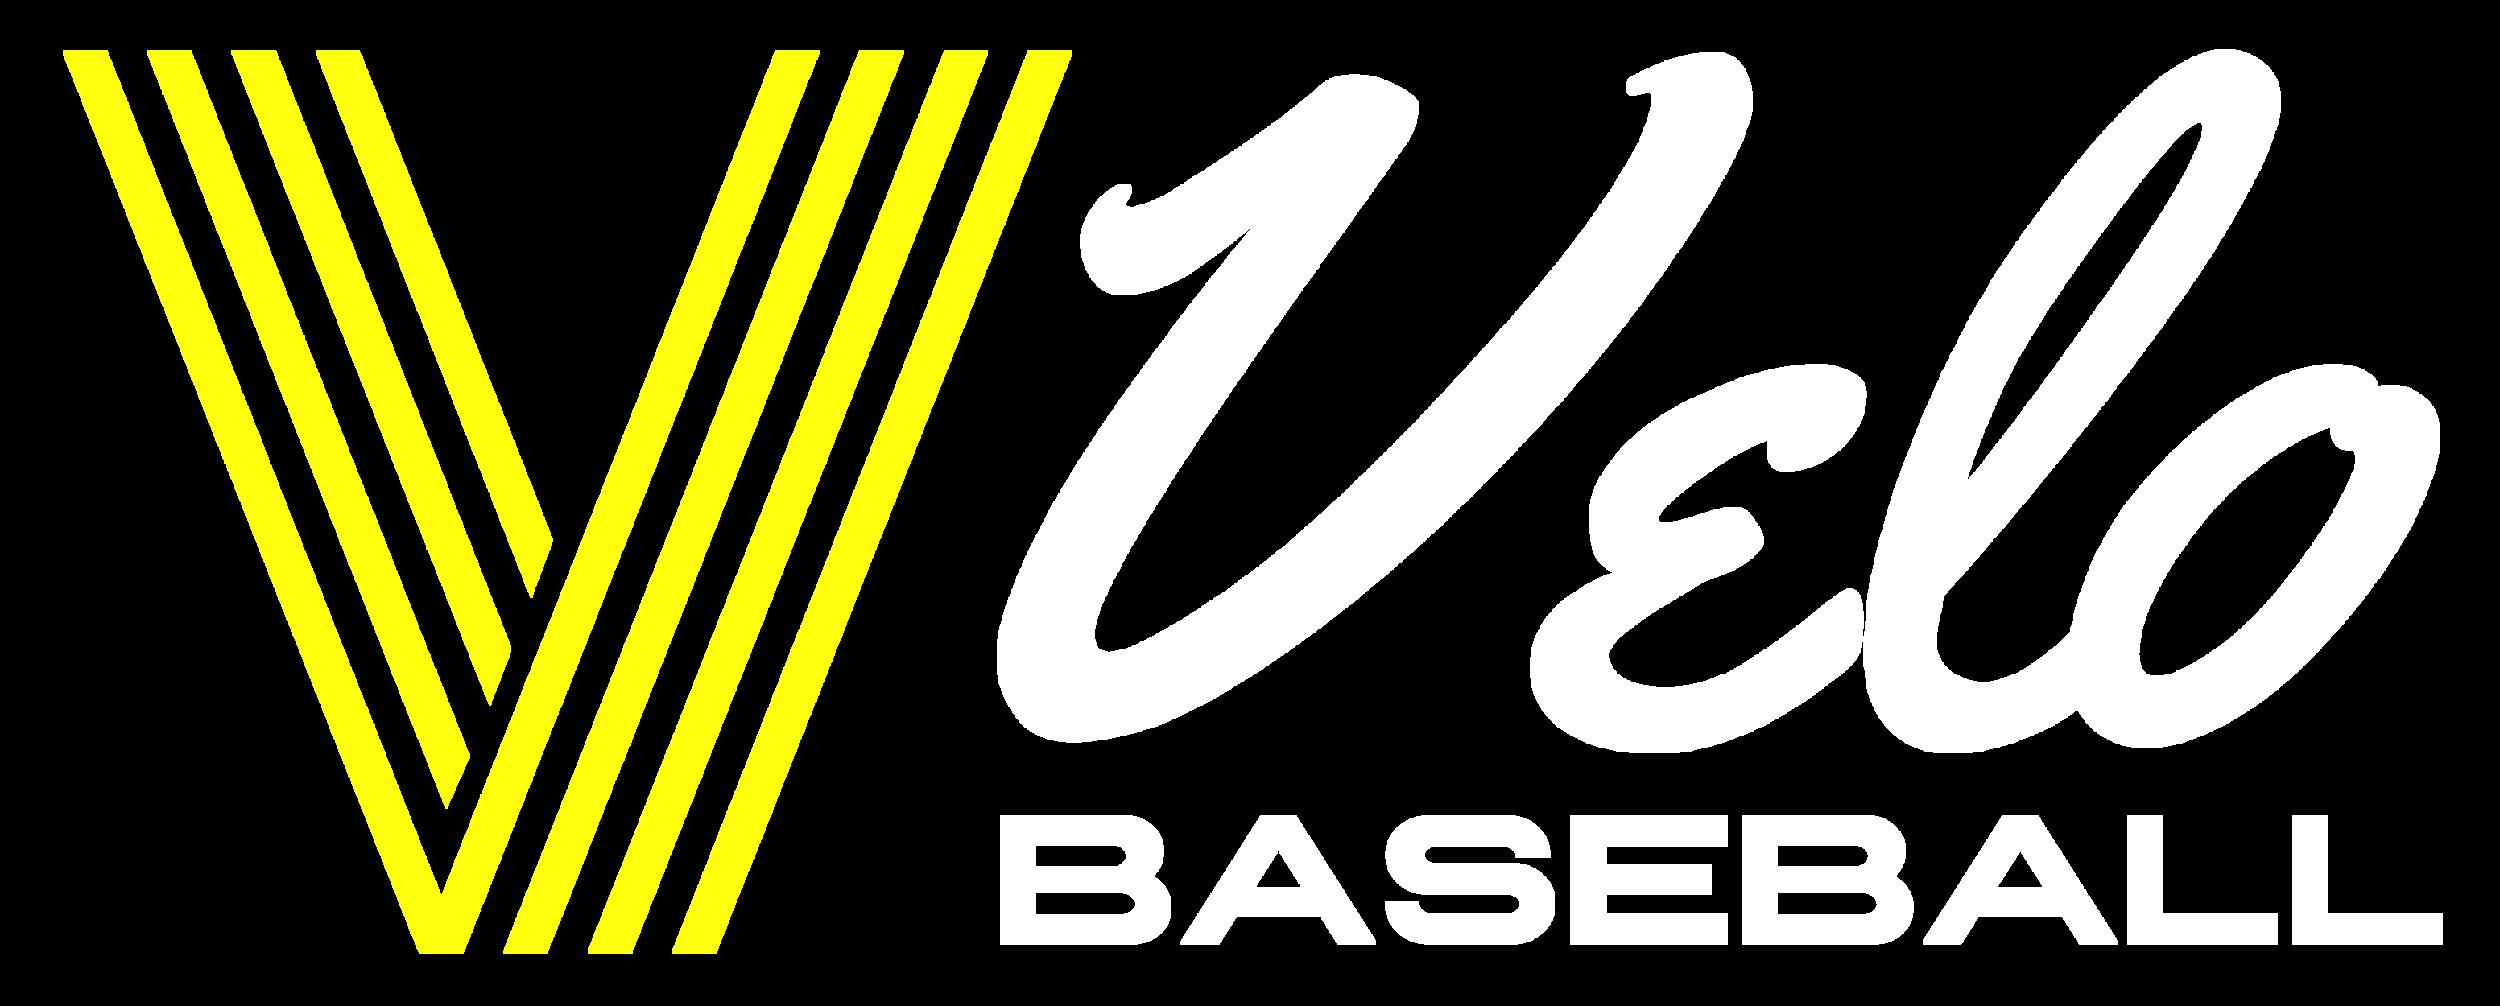 velo_baseball_white.png